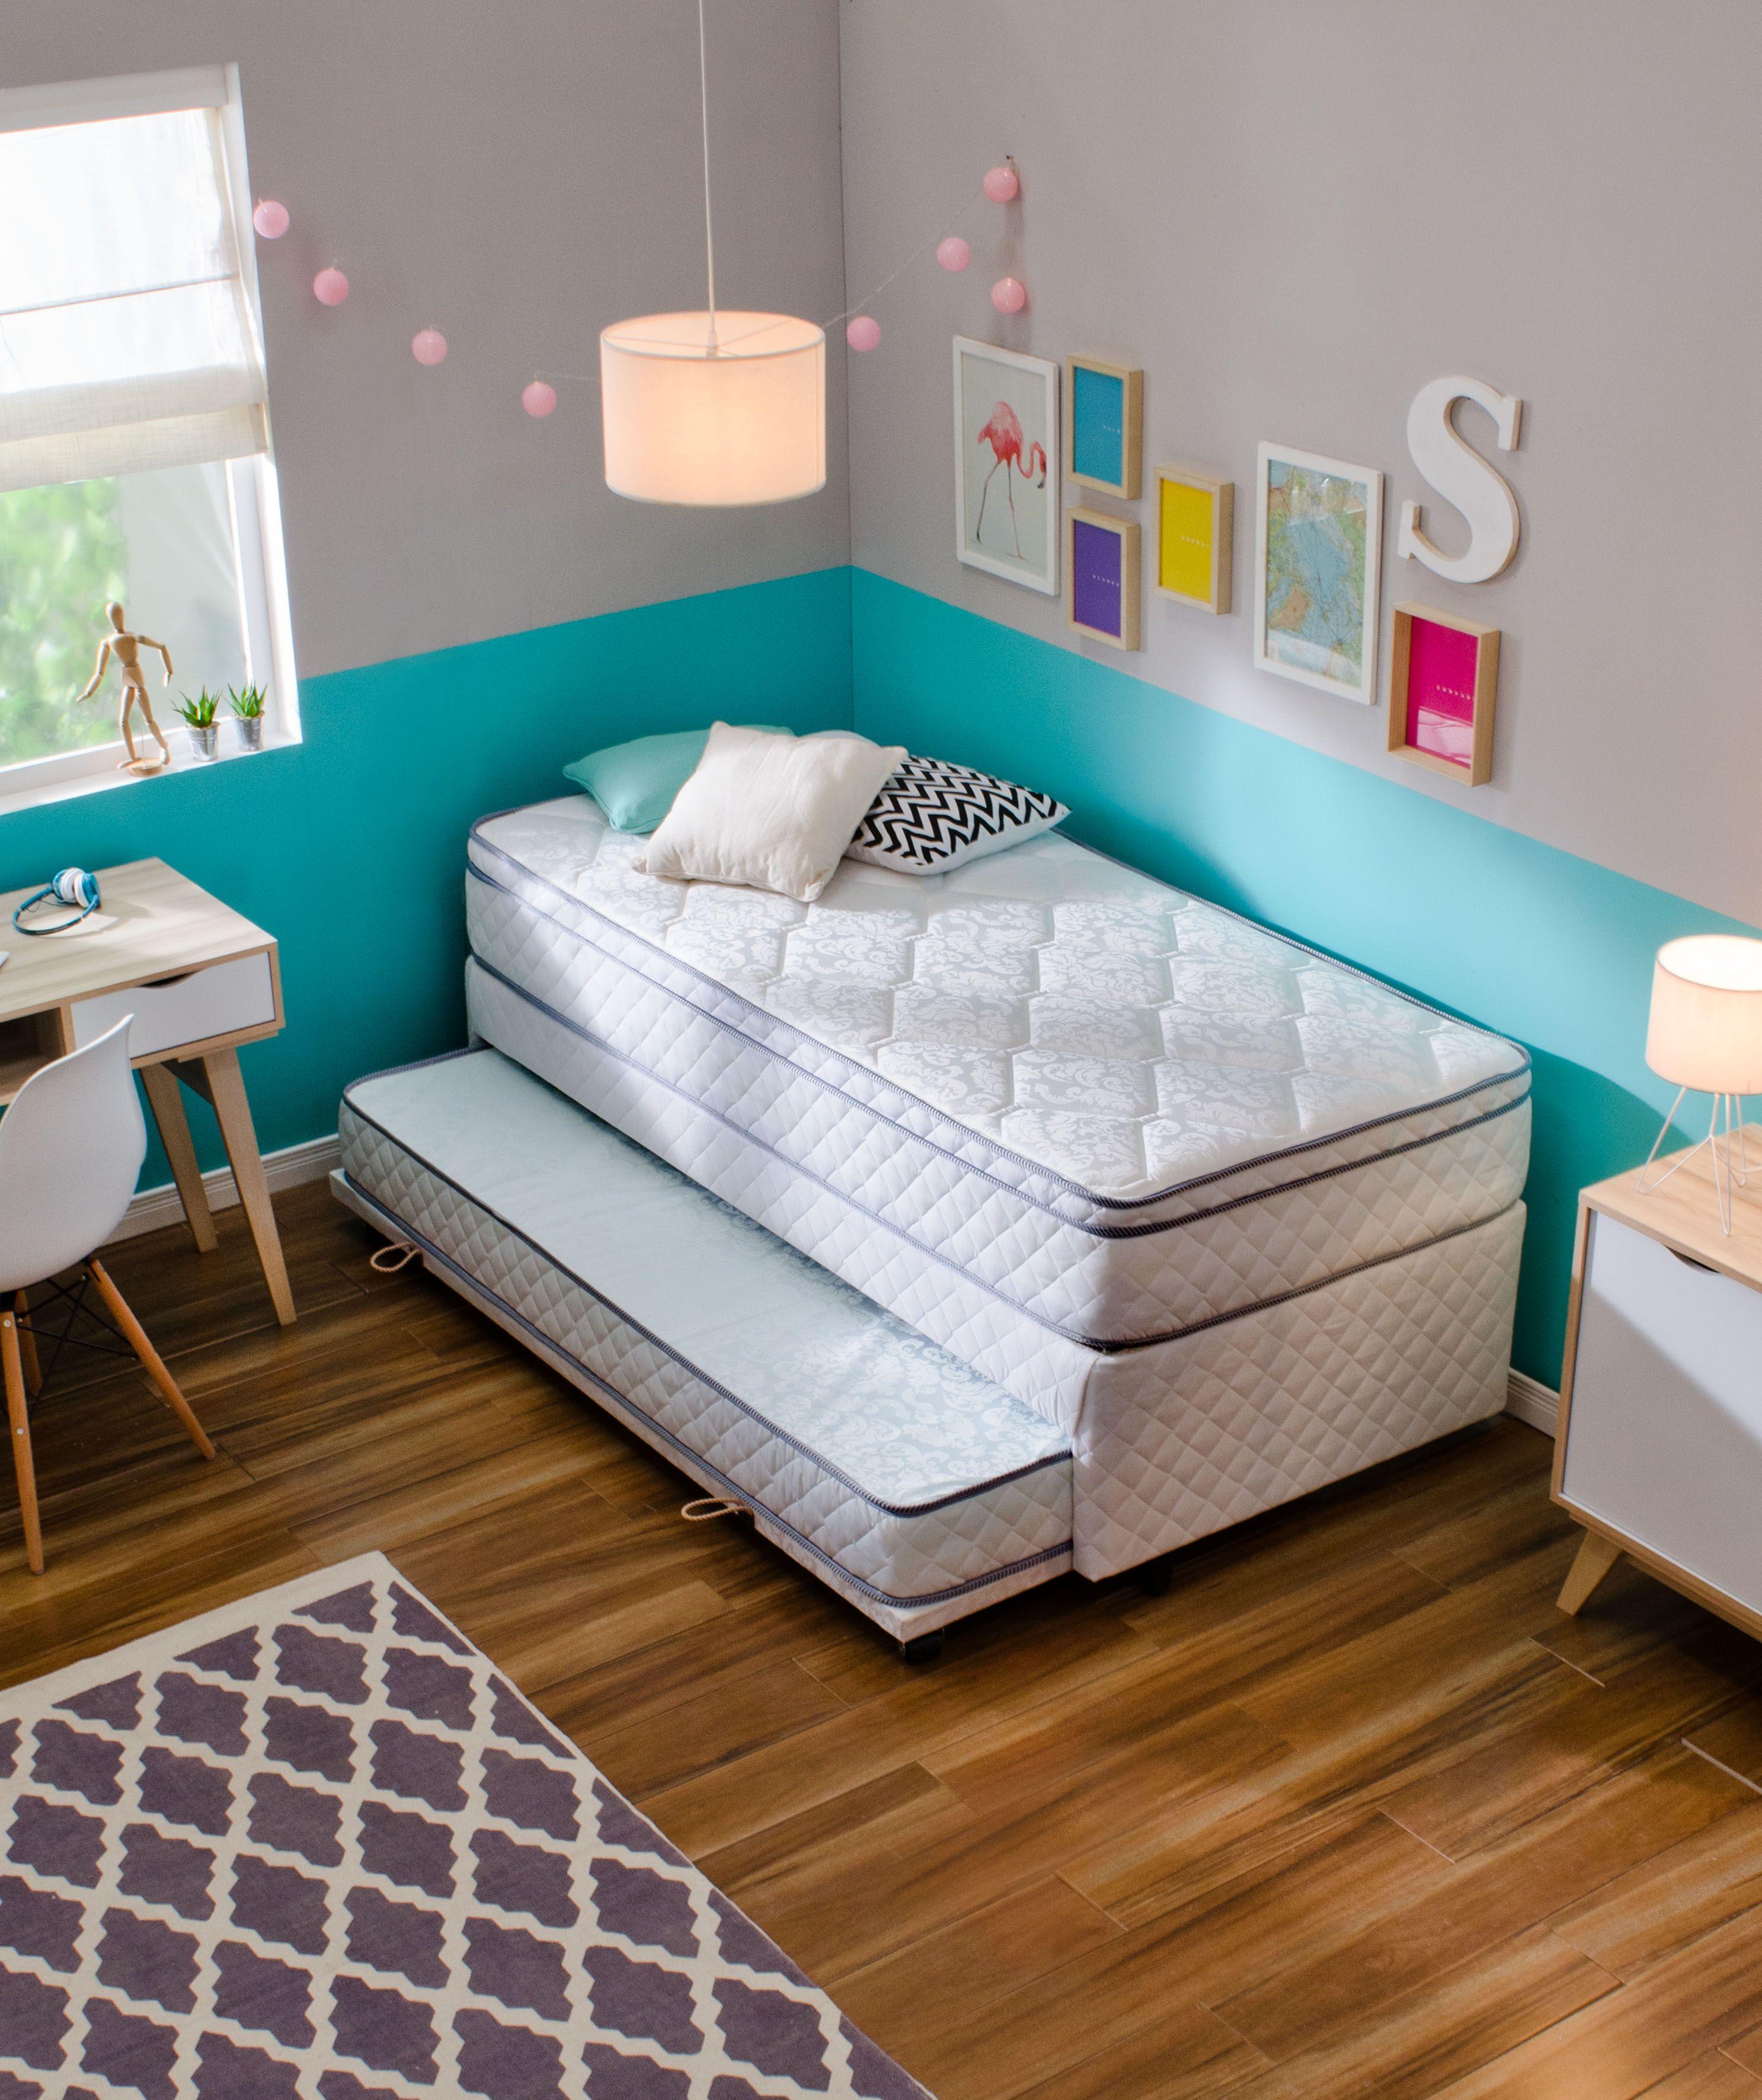 Colores alegres para un cuarto luminoso colores - Habitacion infantil verde ...